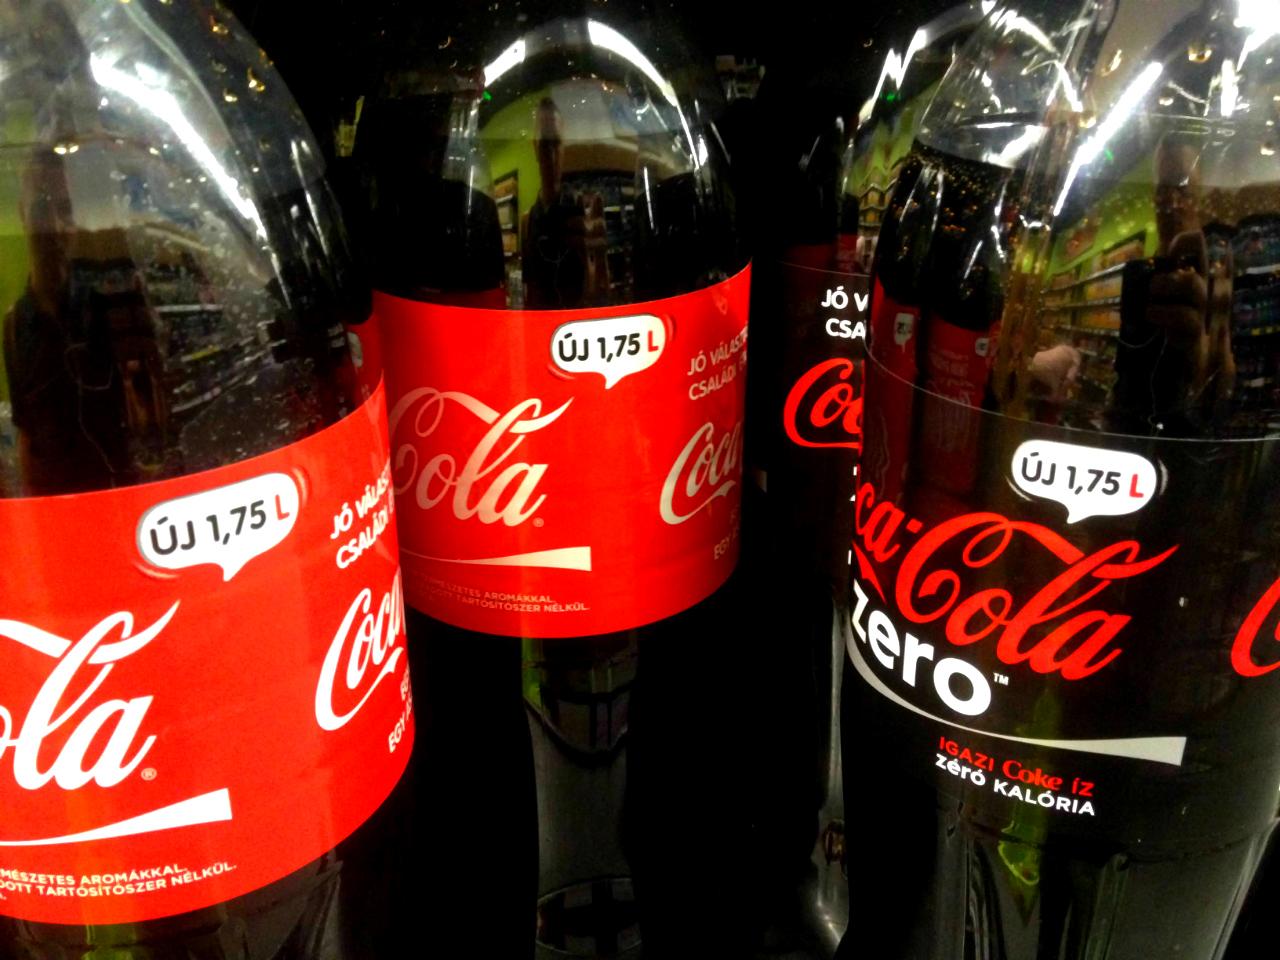 Öt napig élt Coca-Colán egy idős férfi, aki elesett otthonában